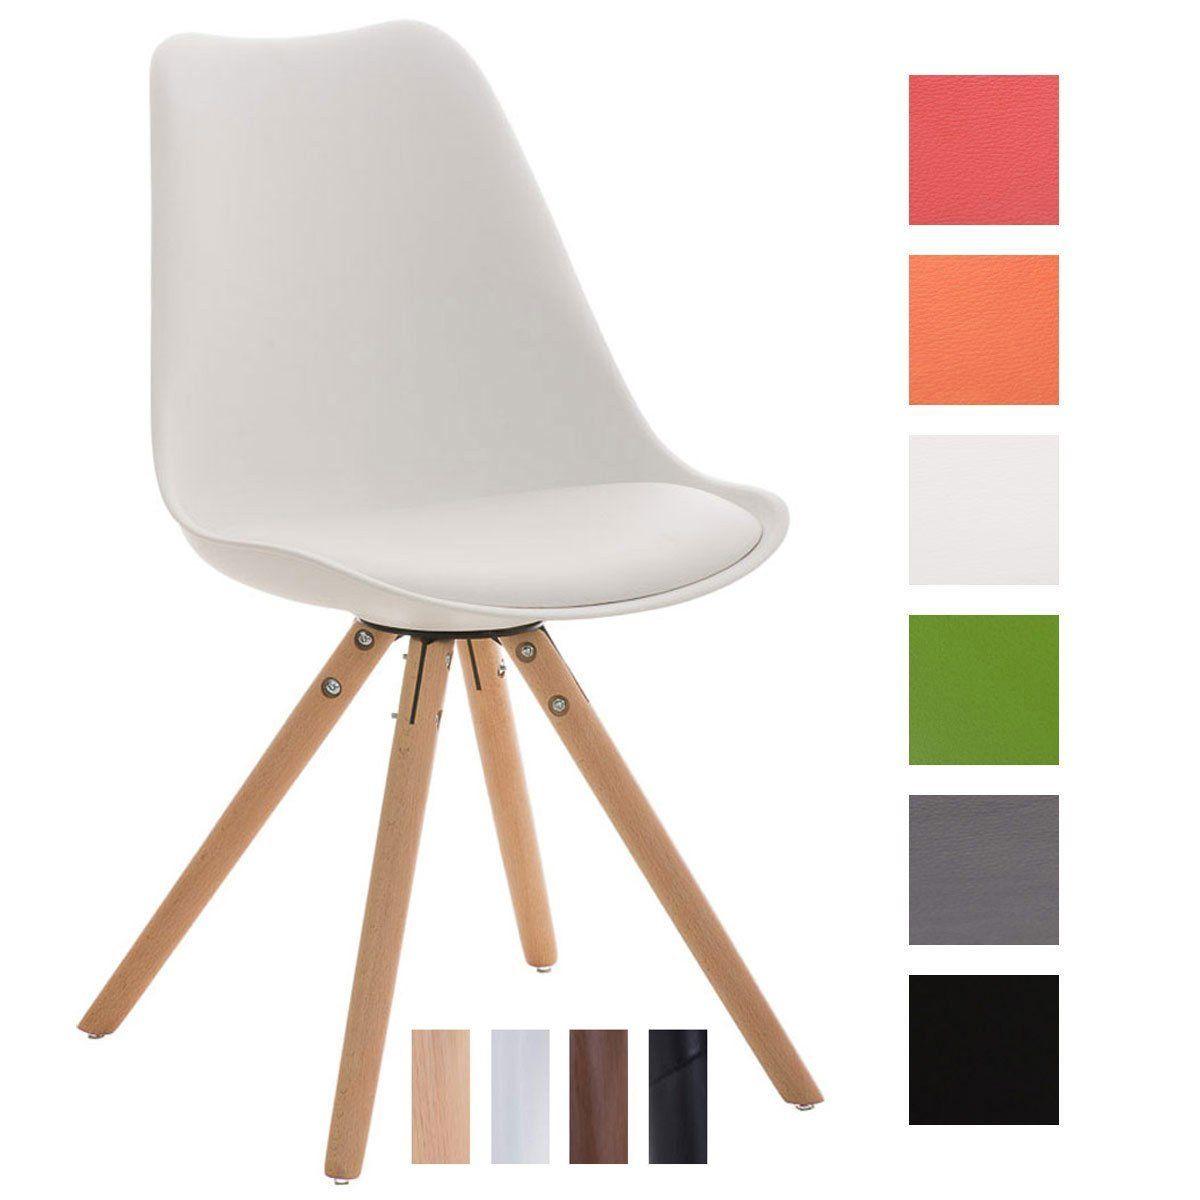 Beeindruckend Schalenstuhl Gepolstert Sammlung Von Clp Design Retro Stuhl Pegleg, Sitzhöhe 46